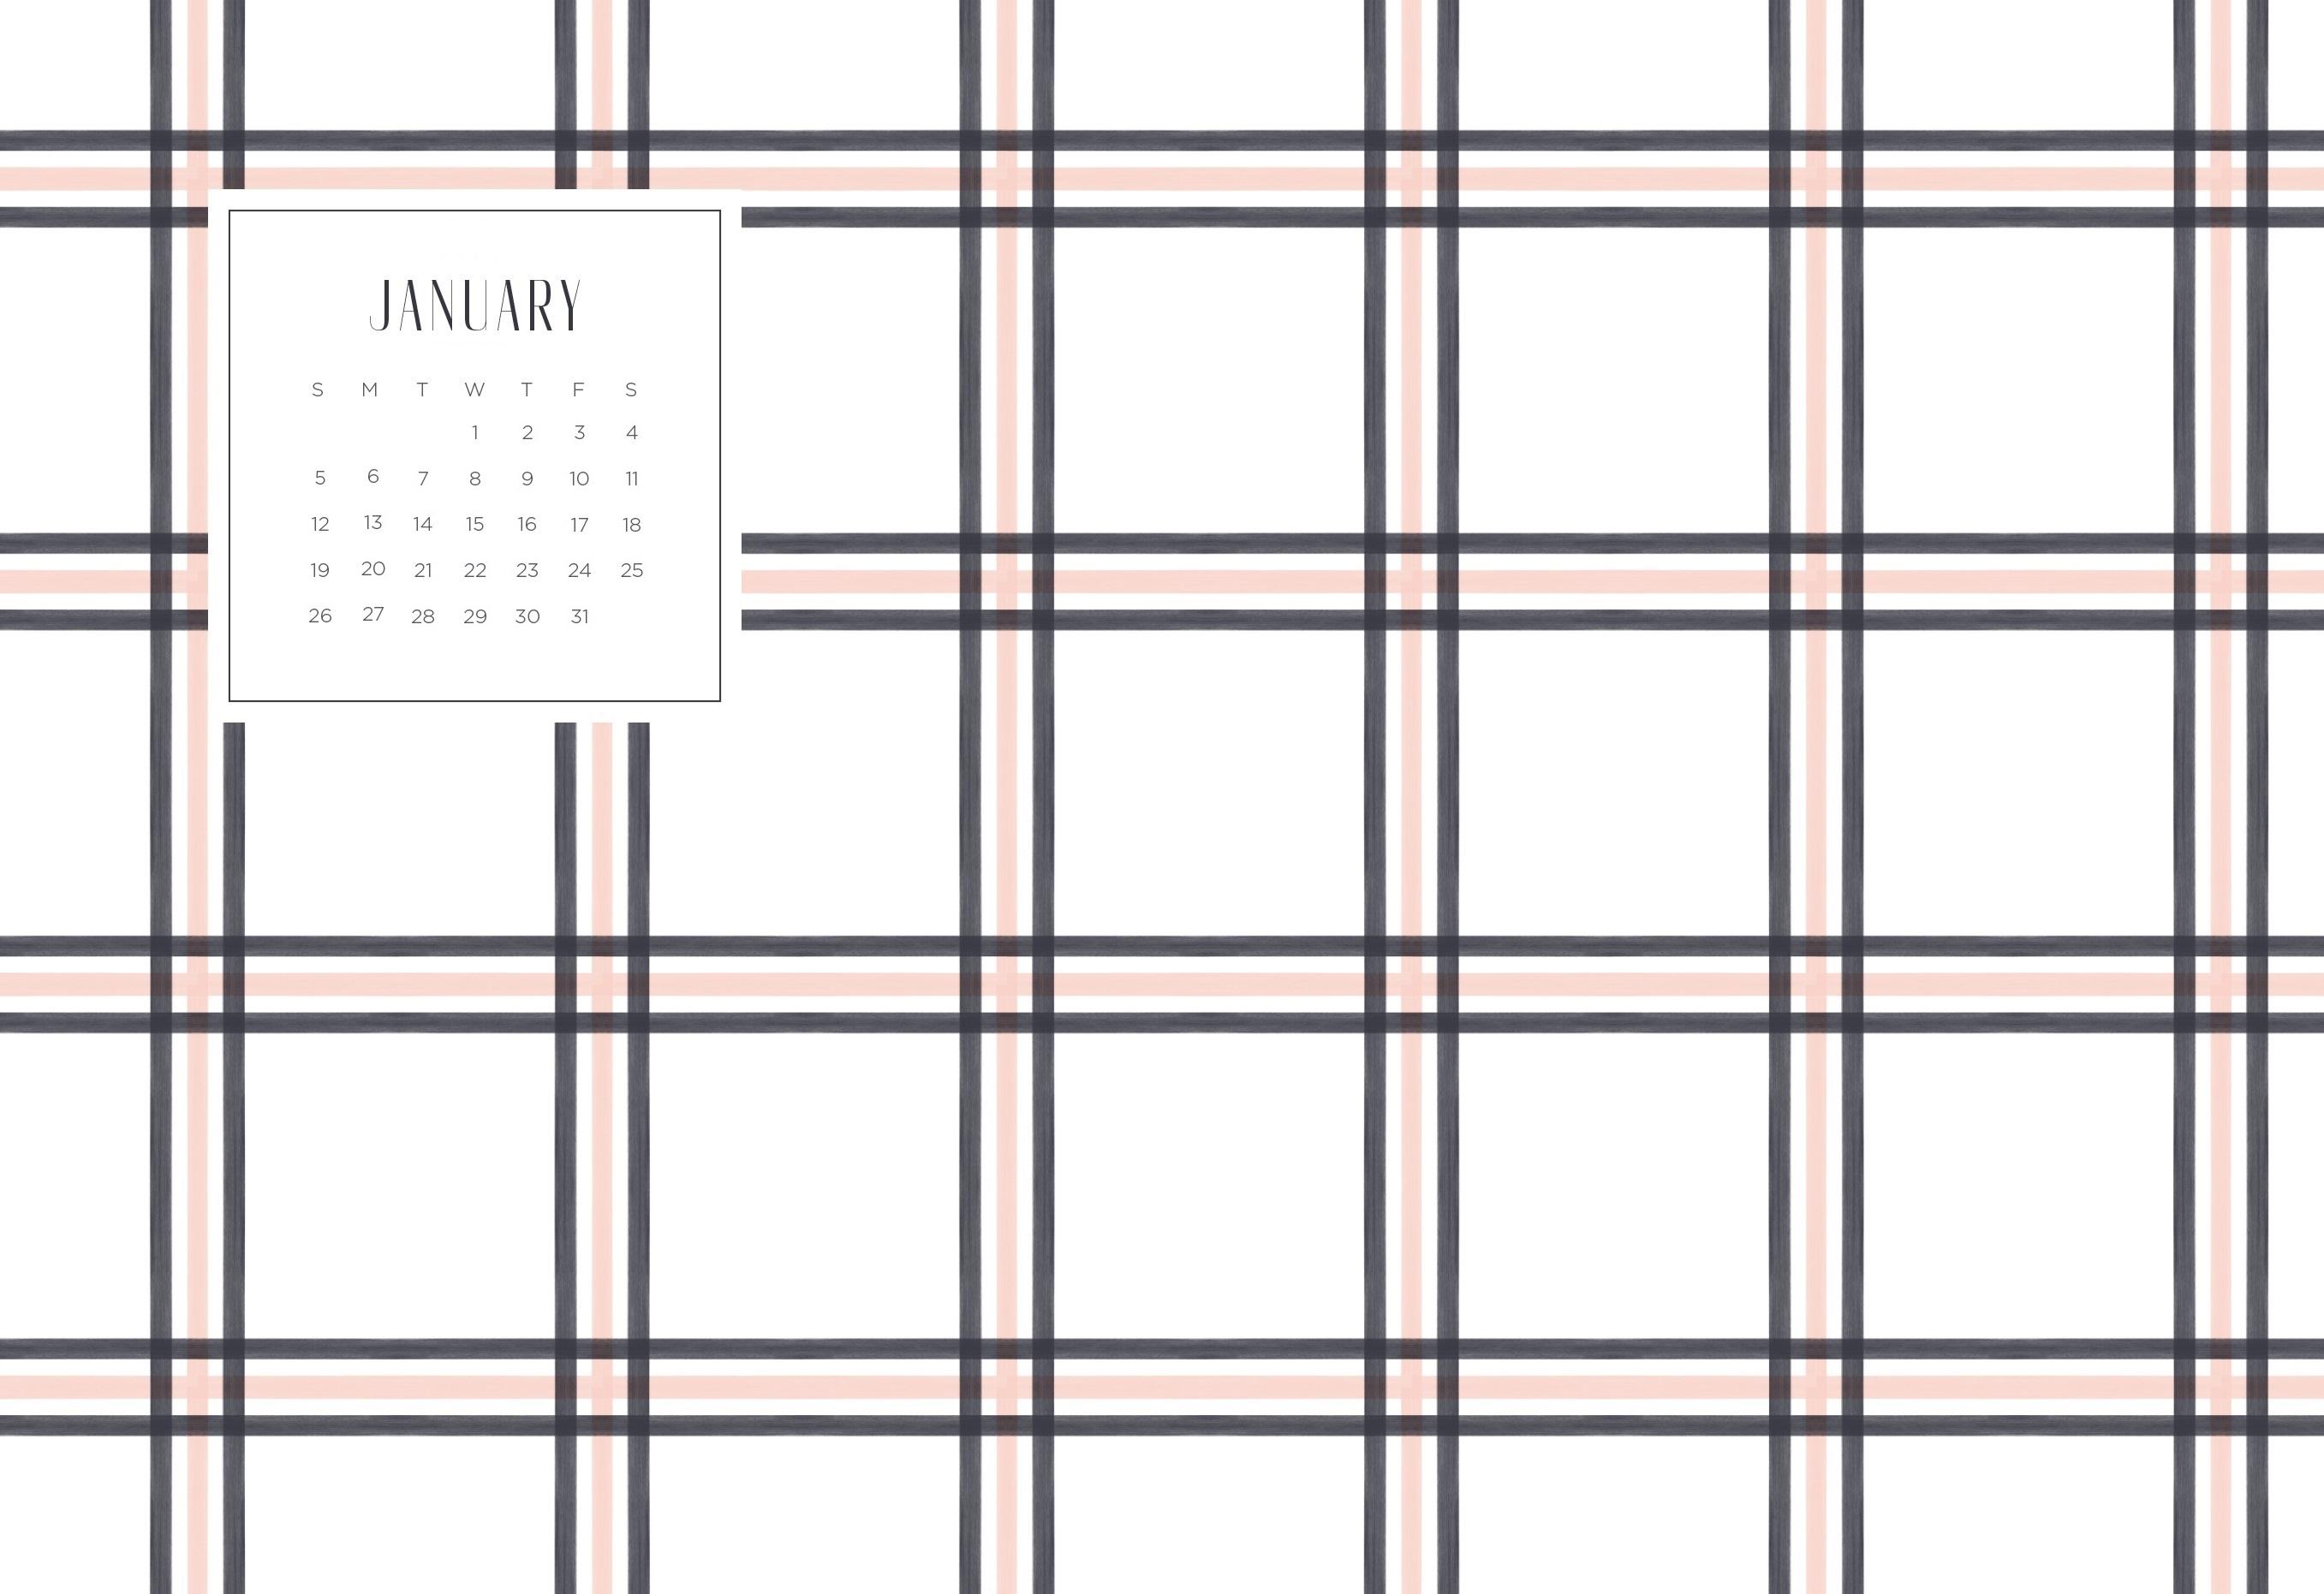 January 2020 Wallpaper Calendar Calendar 2019 2714x1862